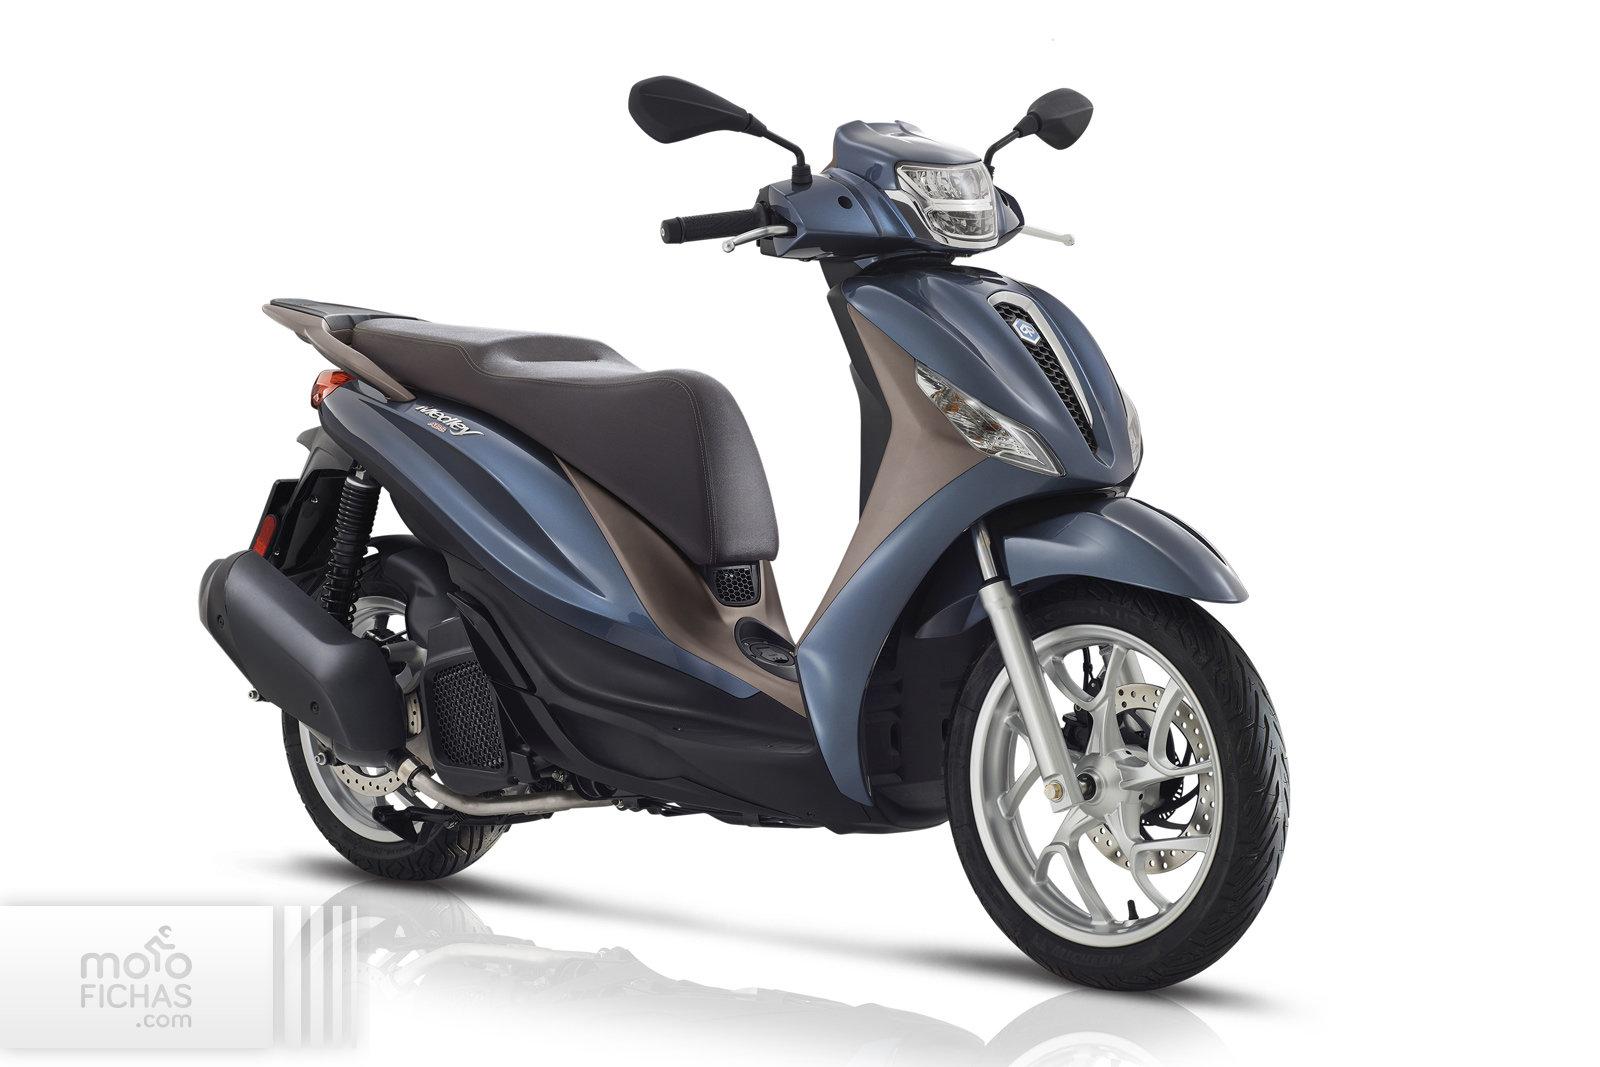 https://www.motofichas.com/images/phocagallery/Piaggio_and_C_SpA/medley-125-2020/01-piaggio-medley-125-2020-estudio-azul.jpg